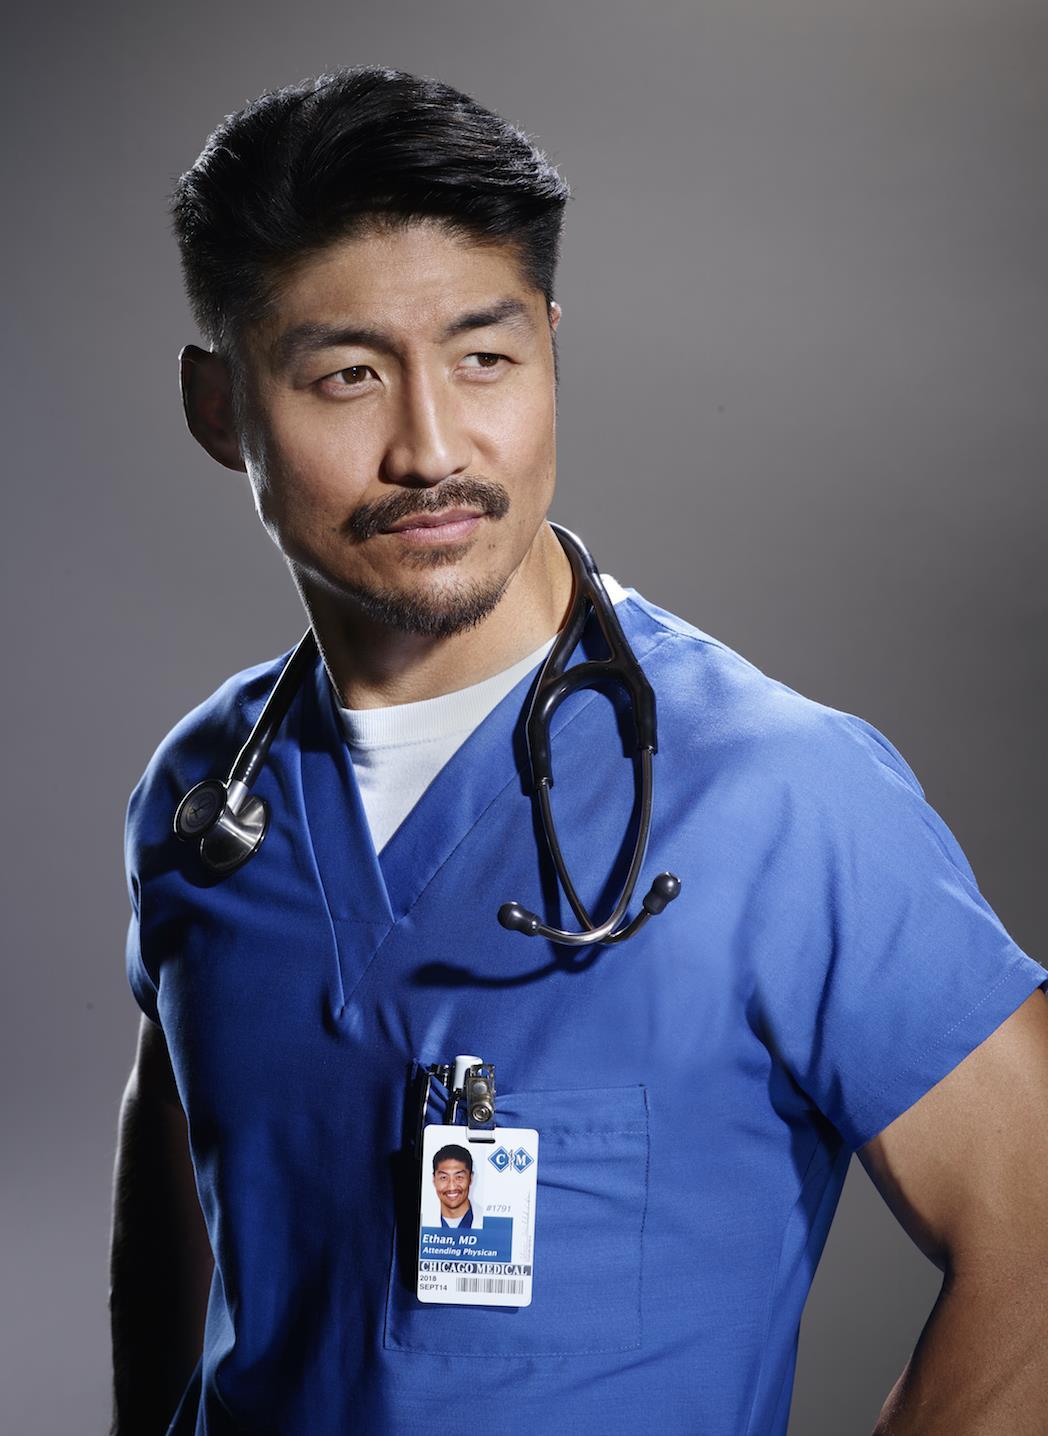 13. Dr. Ethan Choi